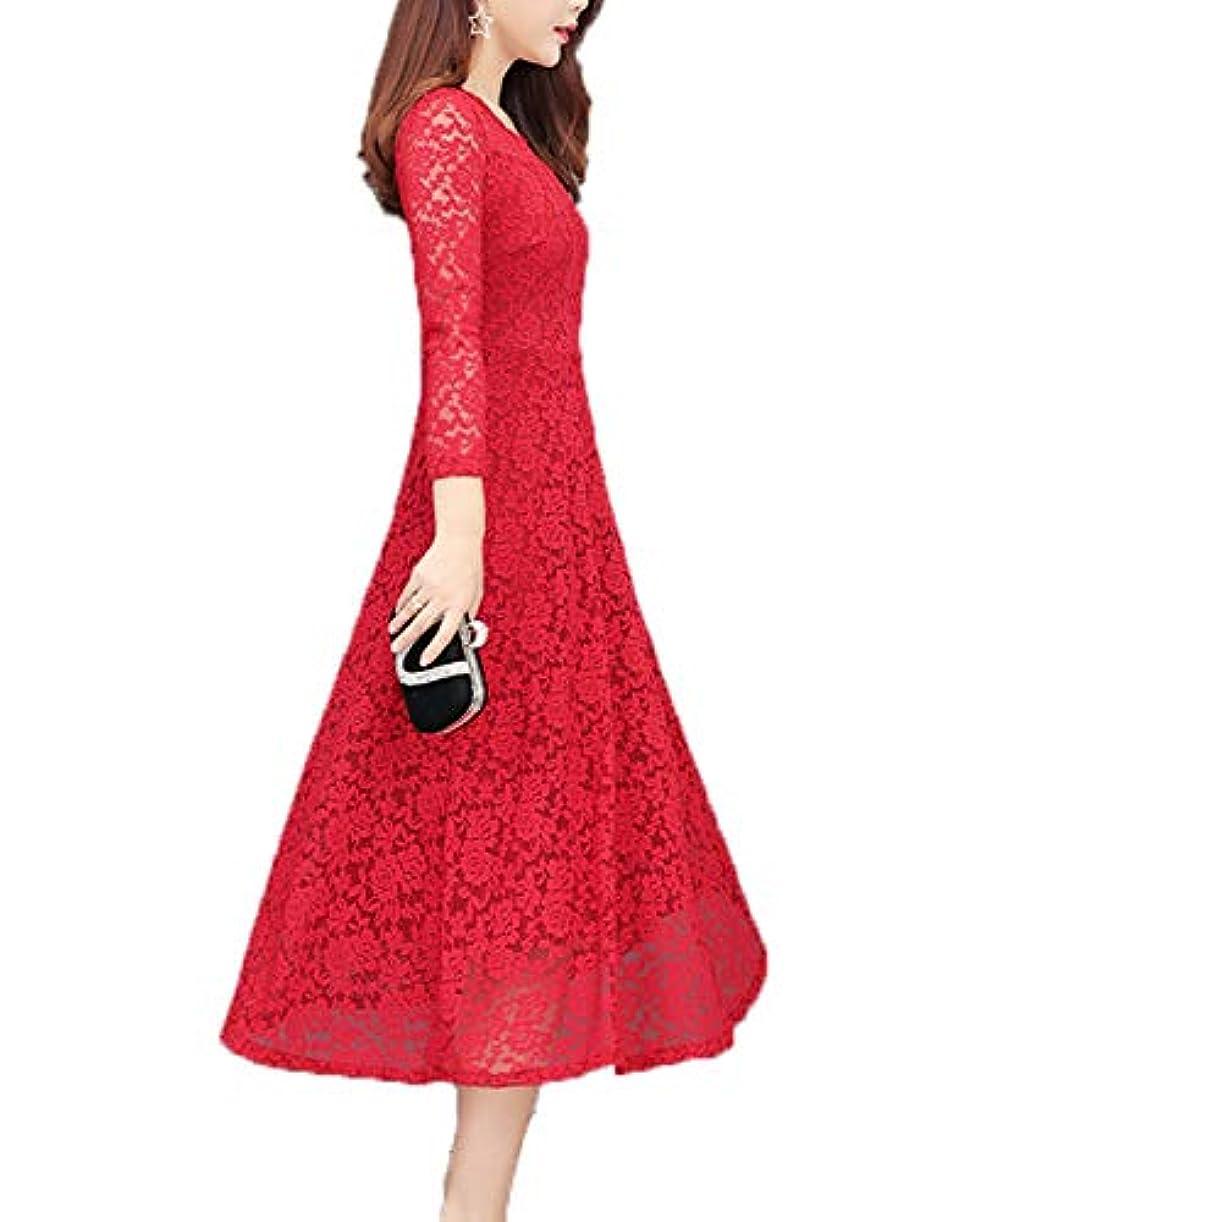 無線テスト急流[ココチエ] ワンピース ドレス 黒 赤 リボン フレア Aライン ロング 長袖 膝丈 レトロ クラシック